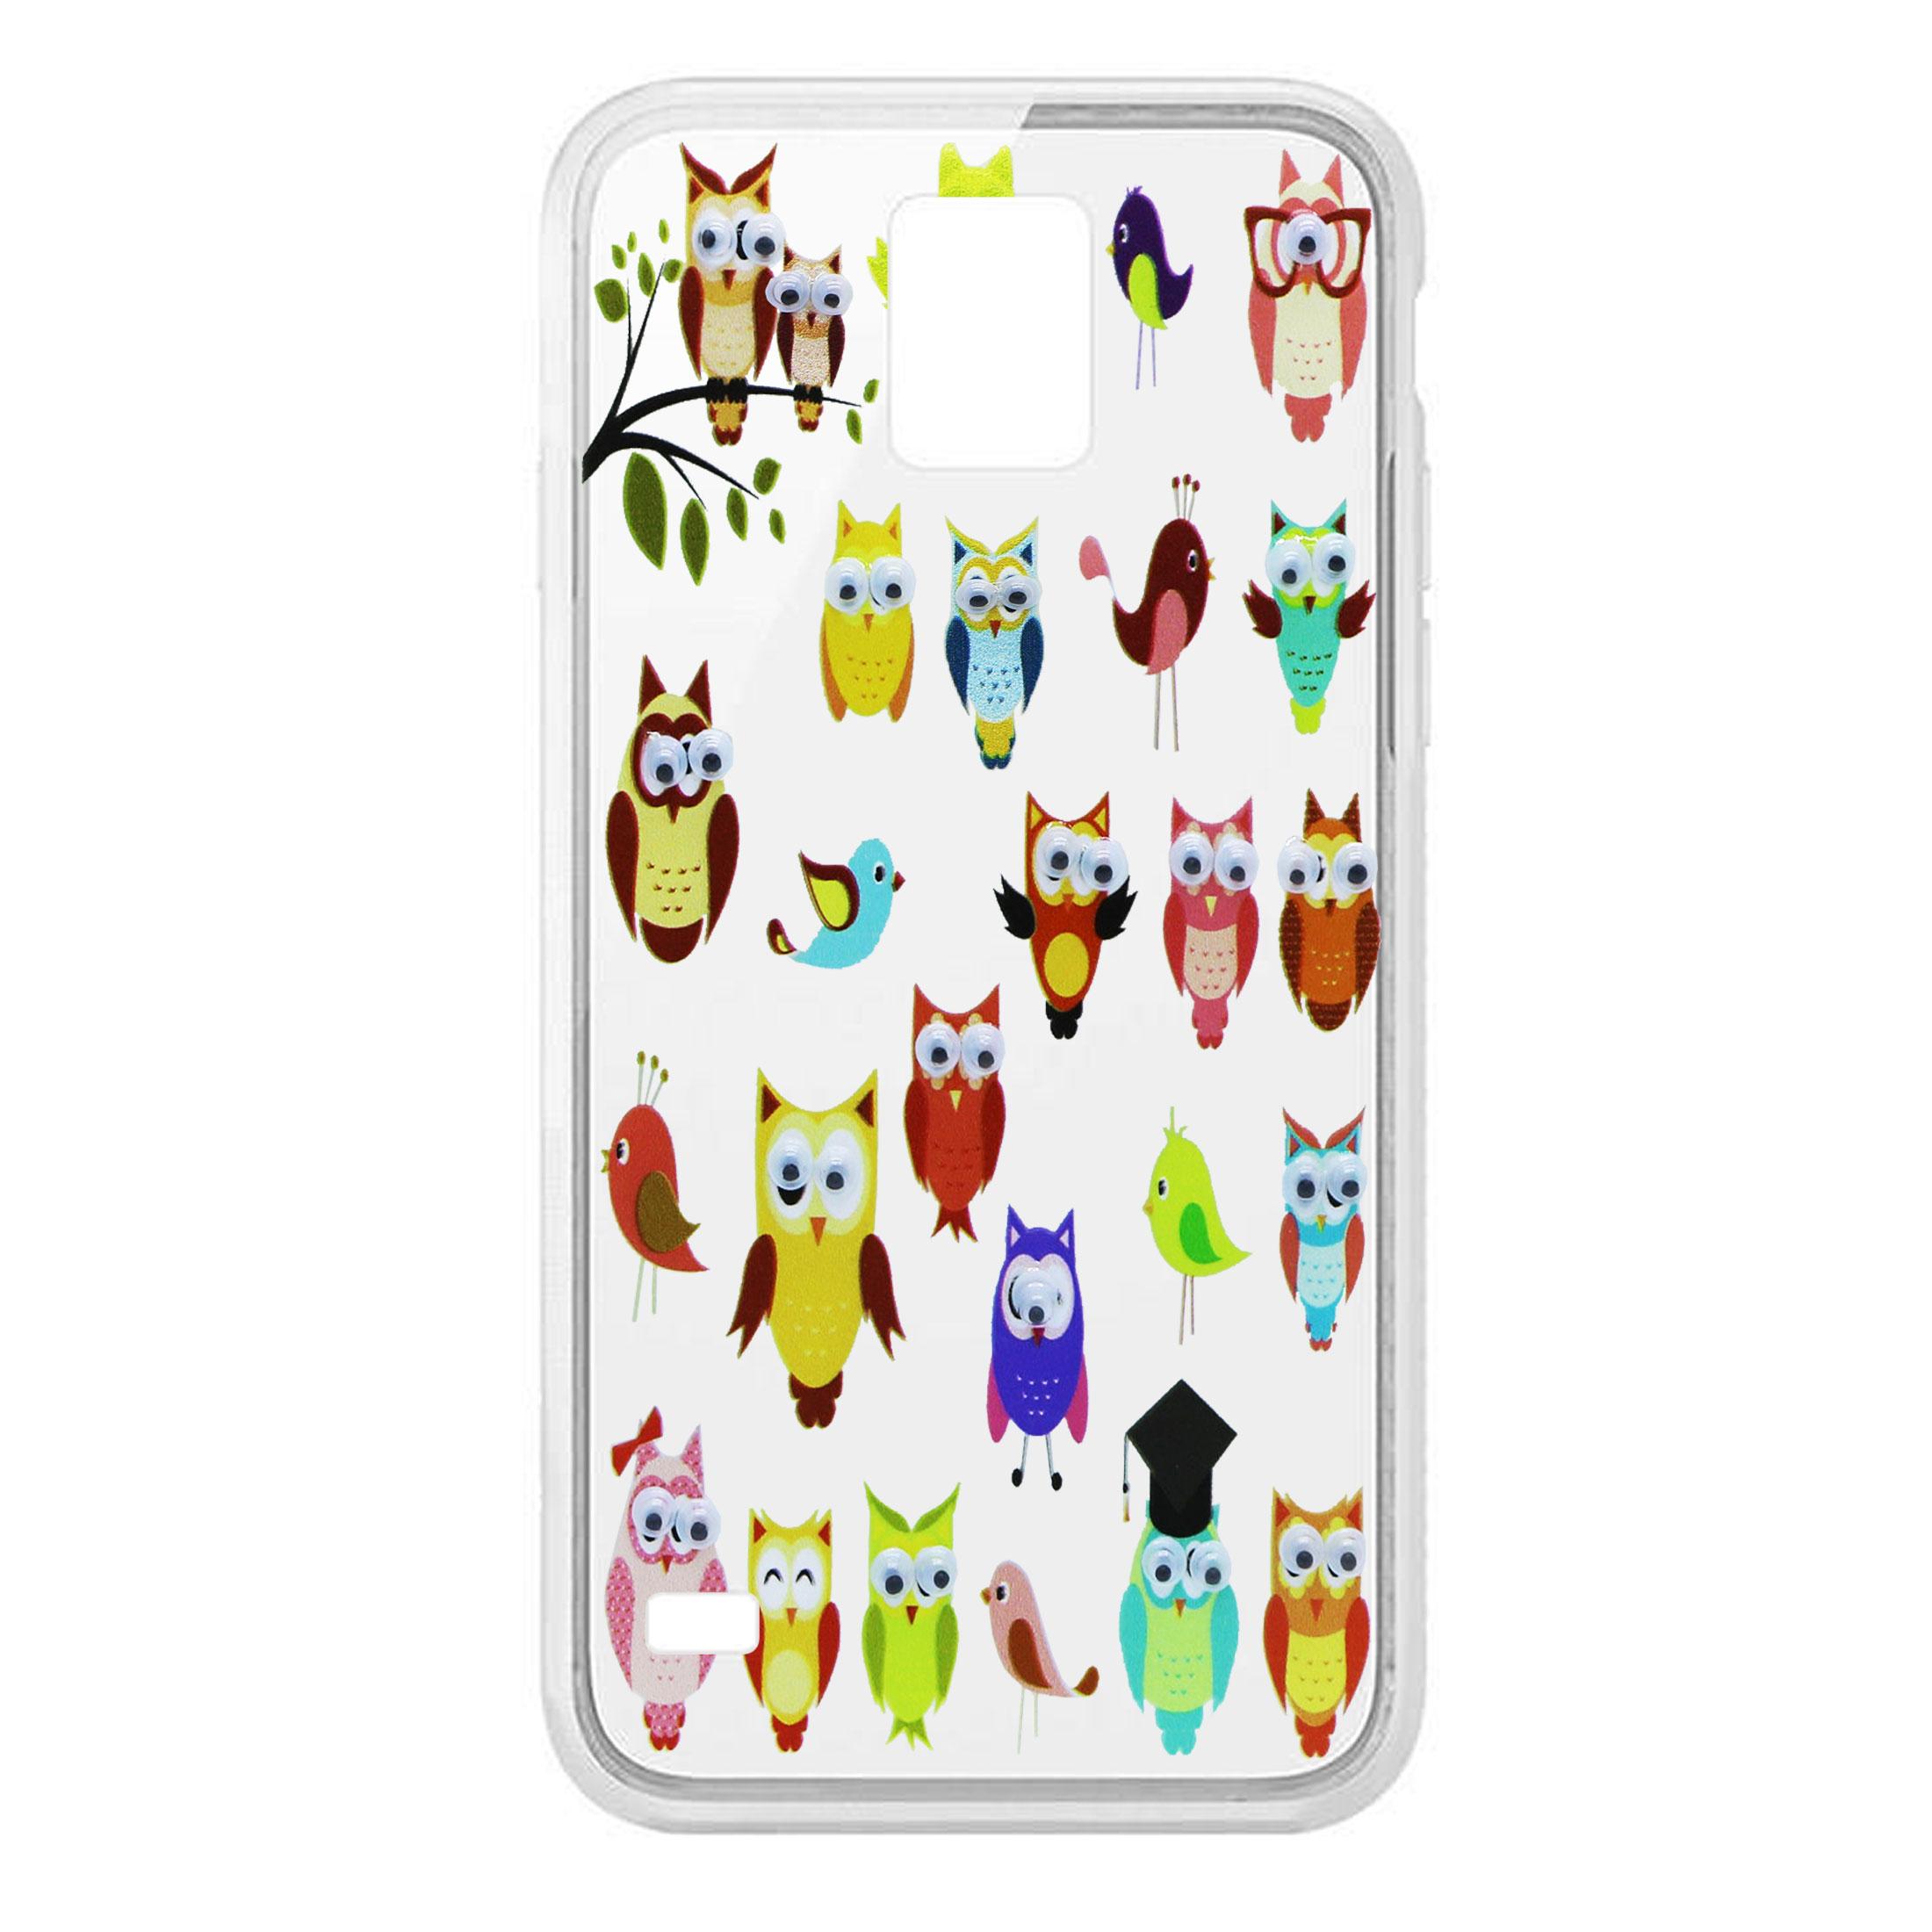 کاور طرح Owl مدل CLR-099 مناسب برای گوشی موبایل سامسونگ Galaxy S5